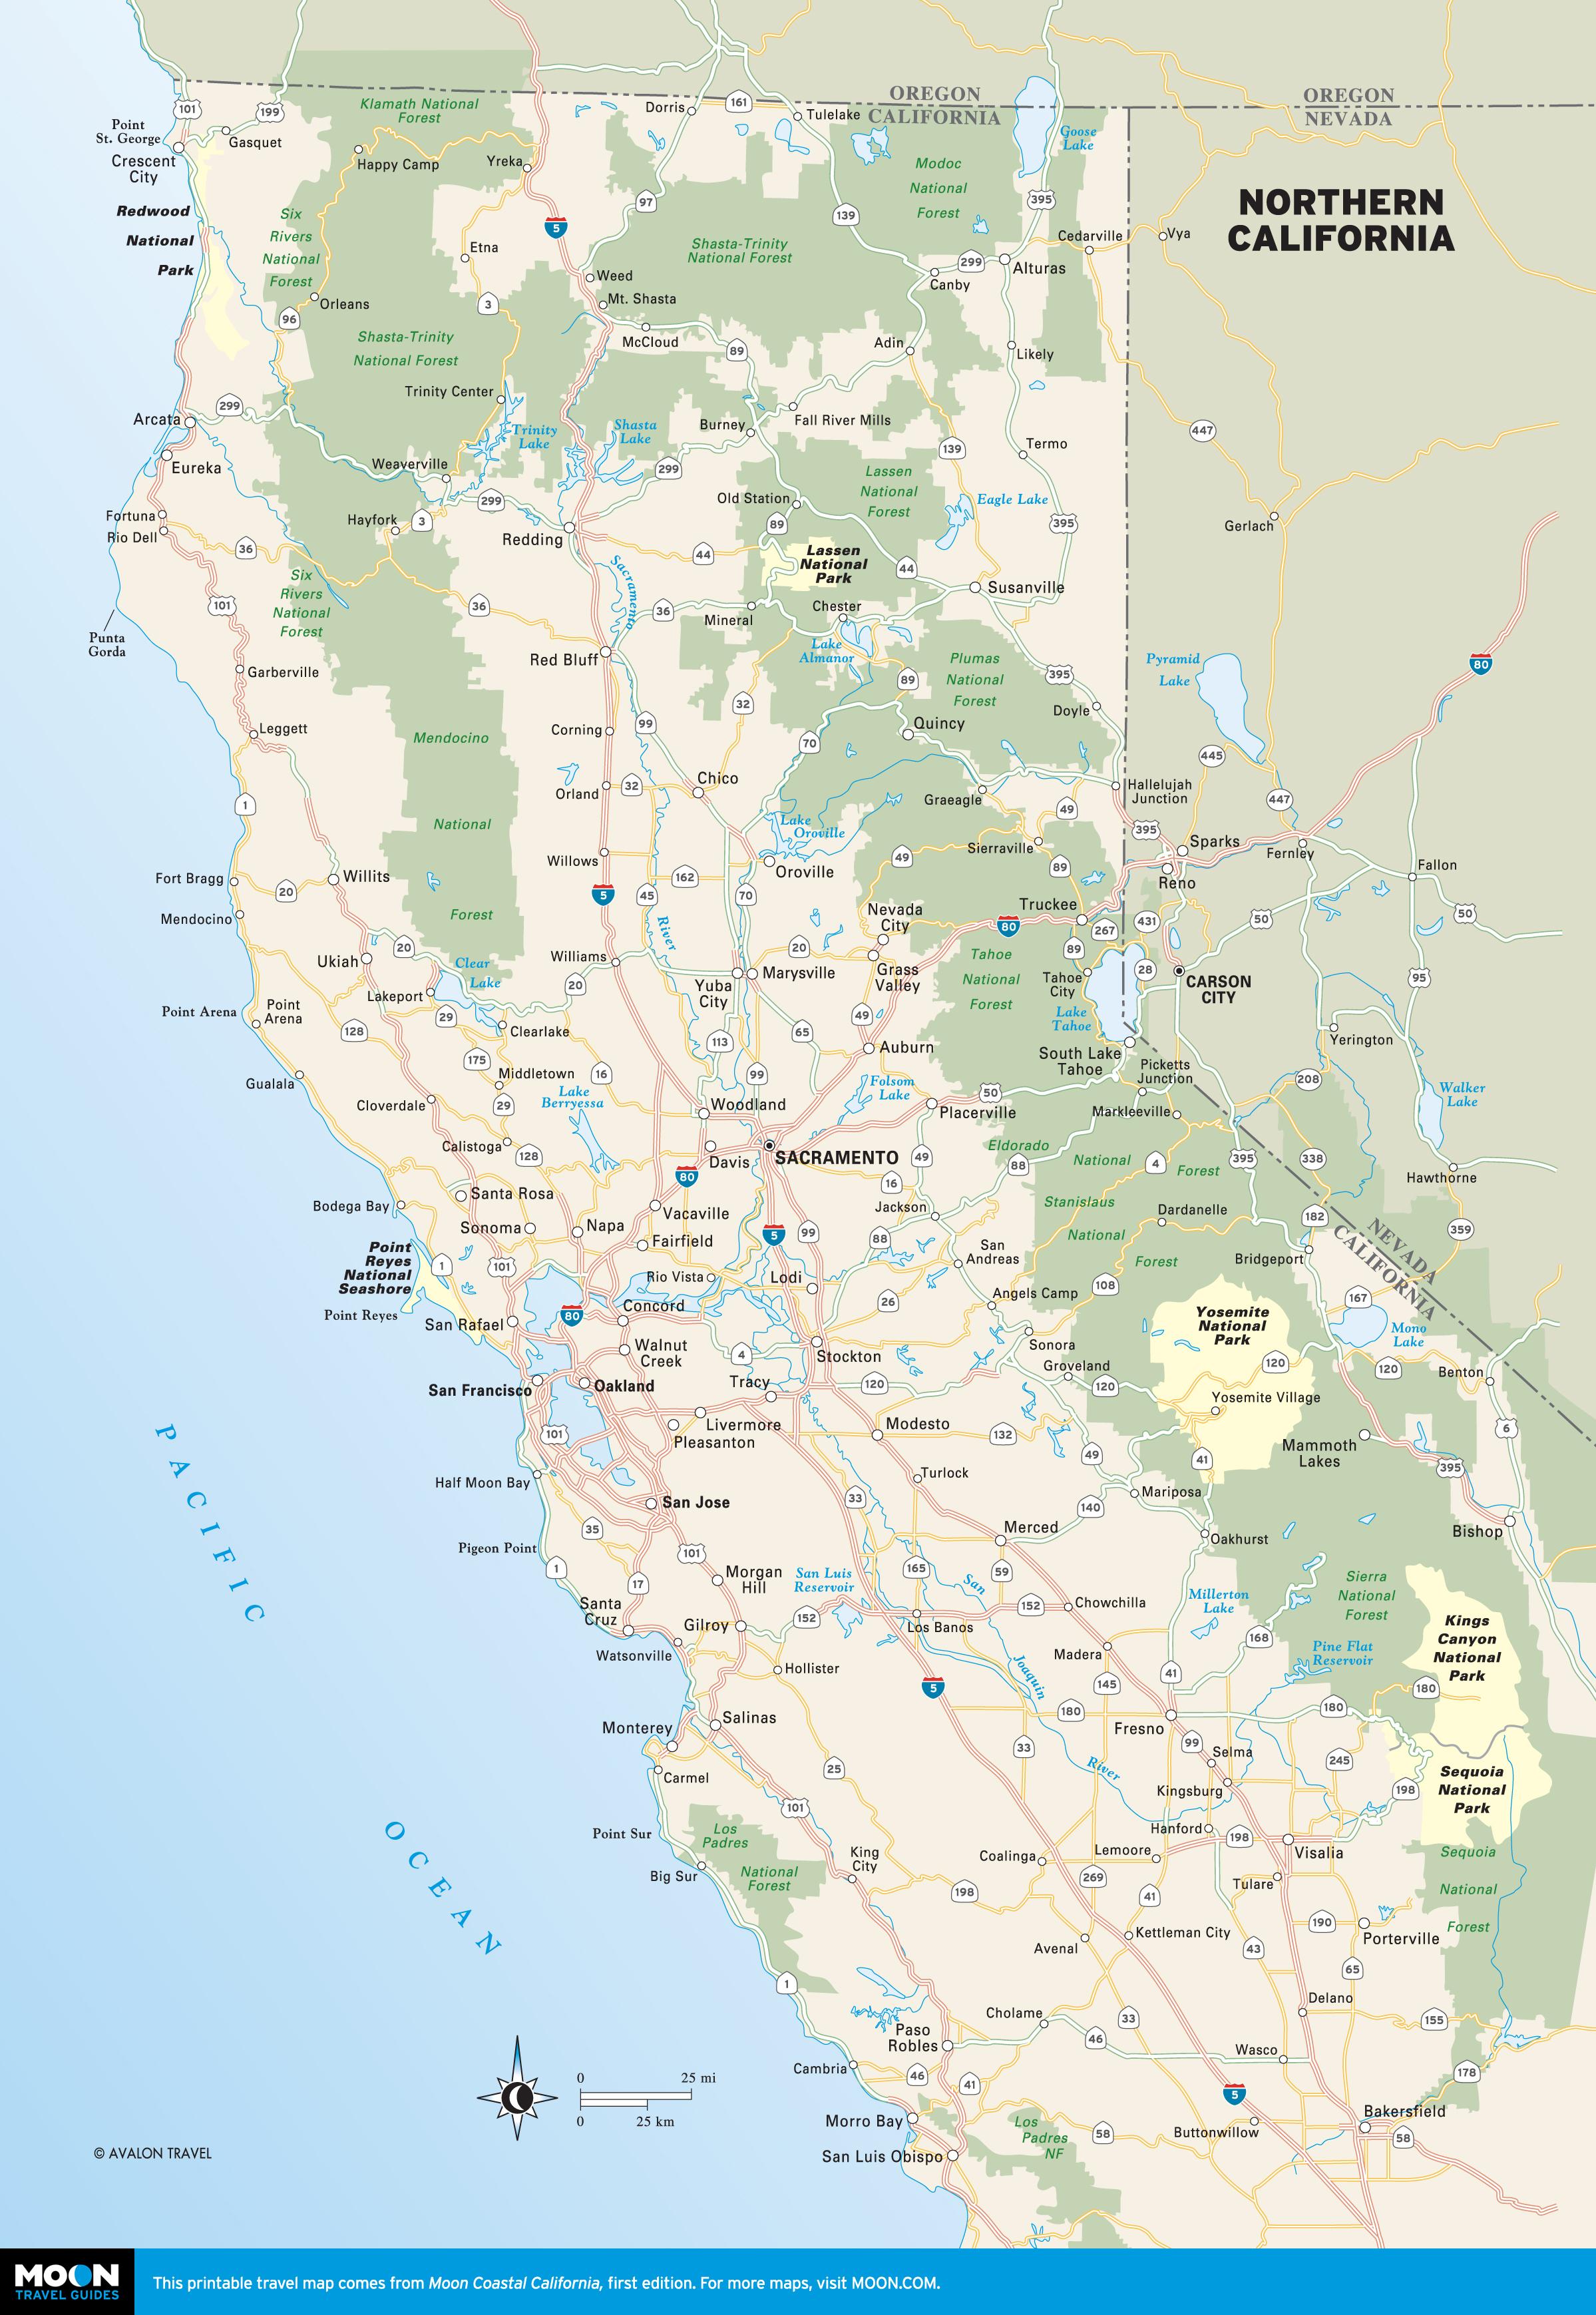 Southern California Coast Map - Touran - Map Of Southern California Coast